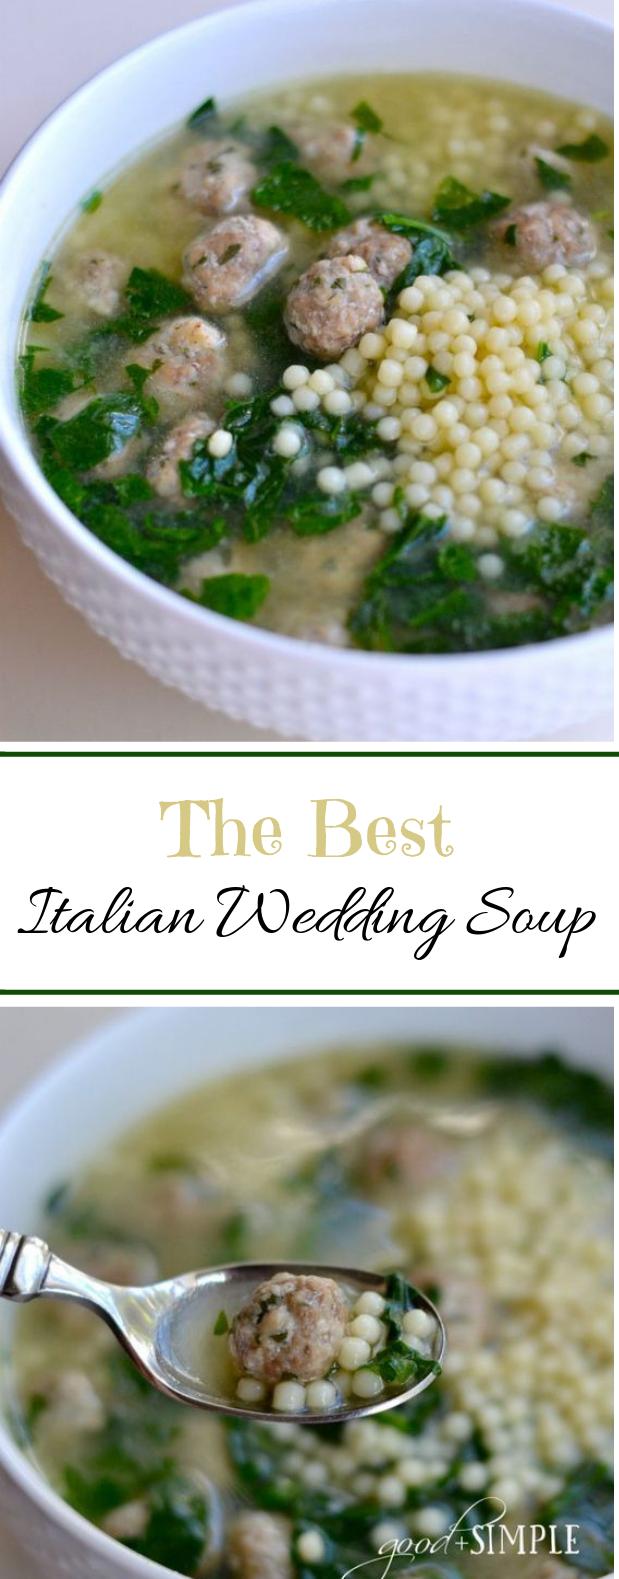 Best Italian Wedding Soup #winter #soup